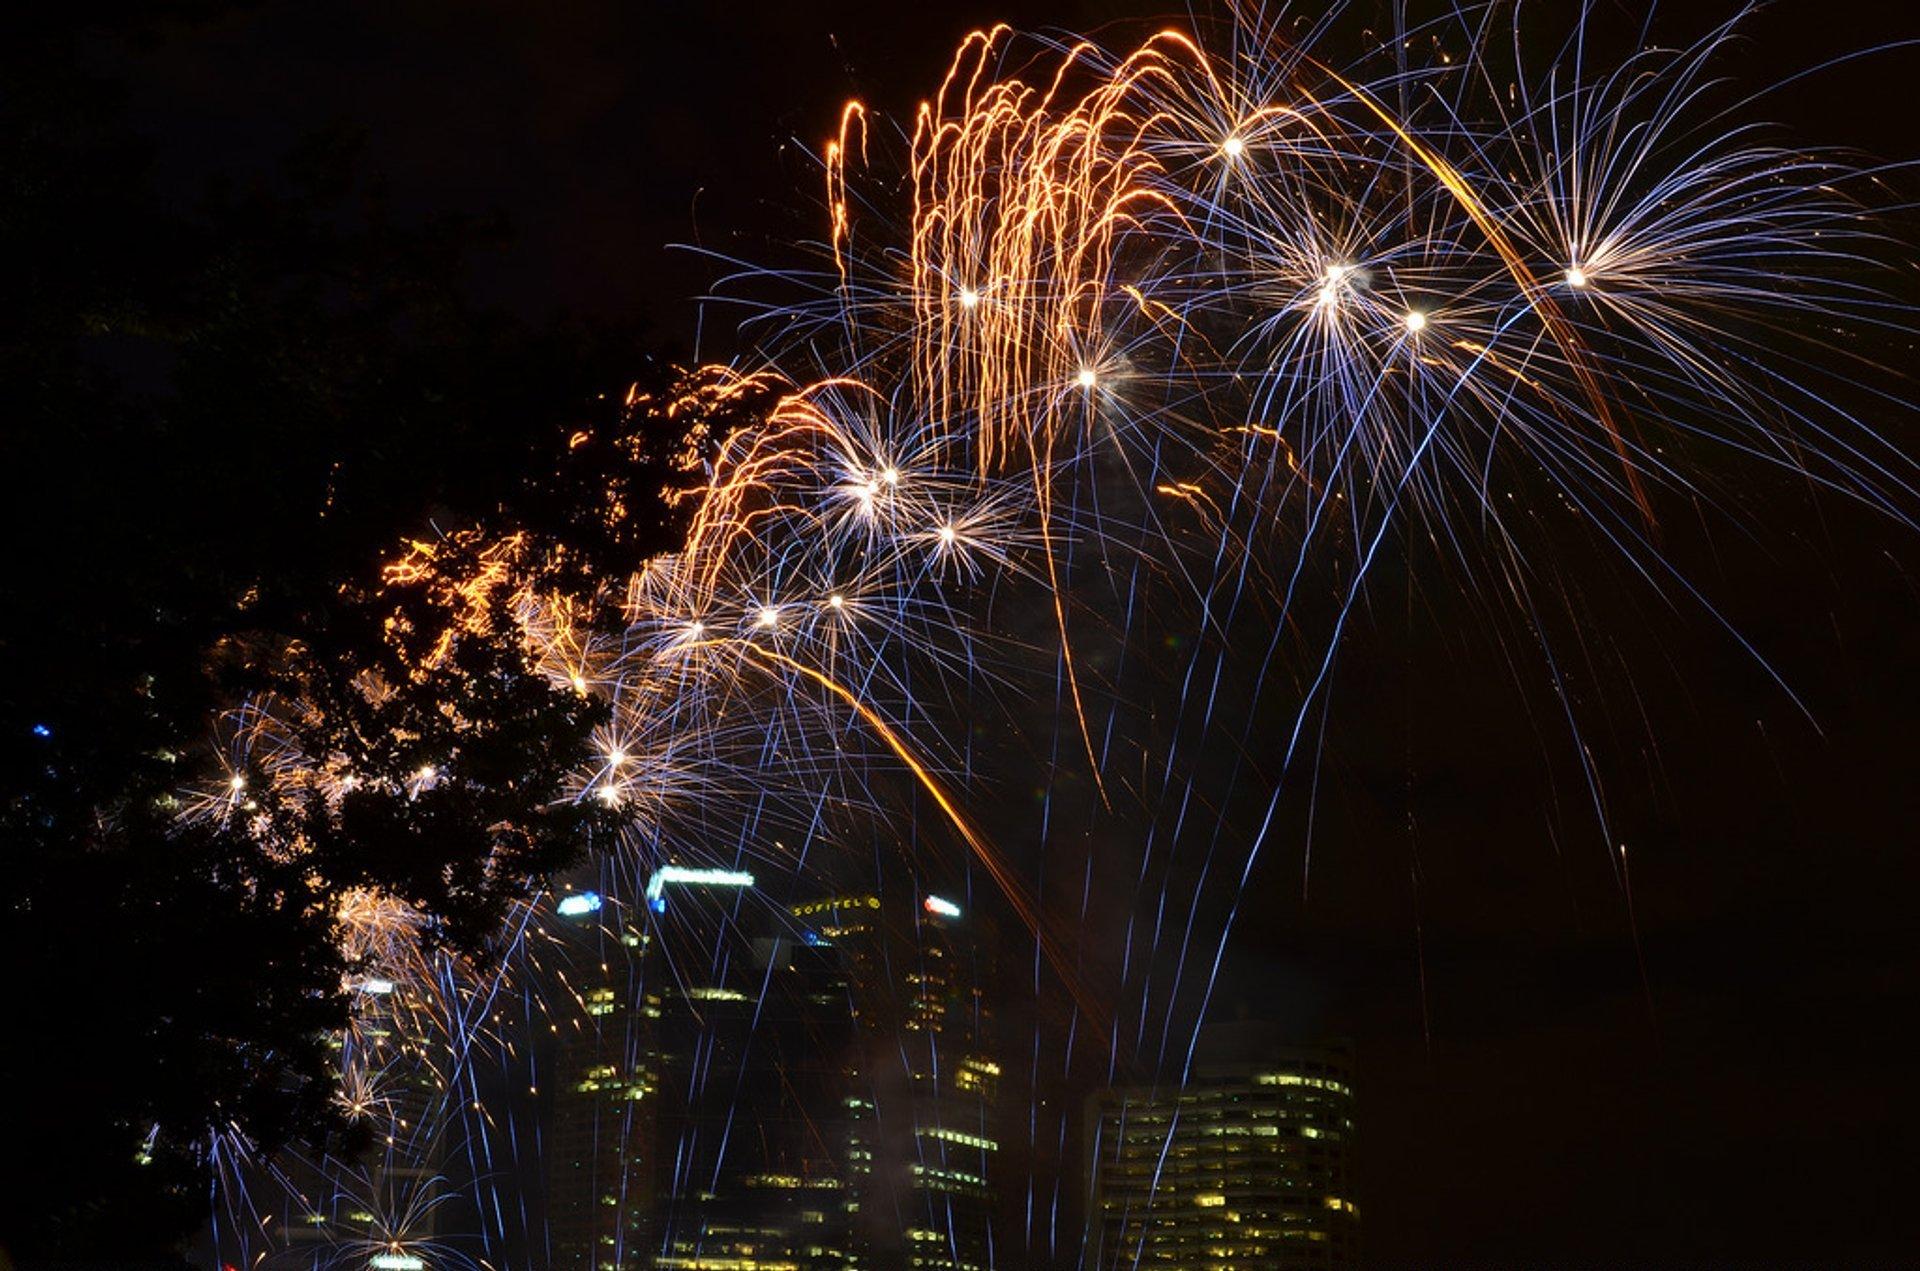 Fireworks at Moomba Festival 2020